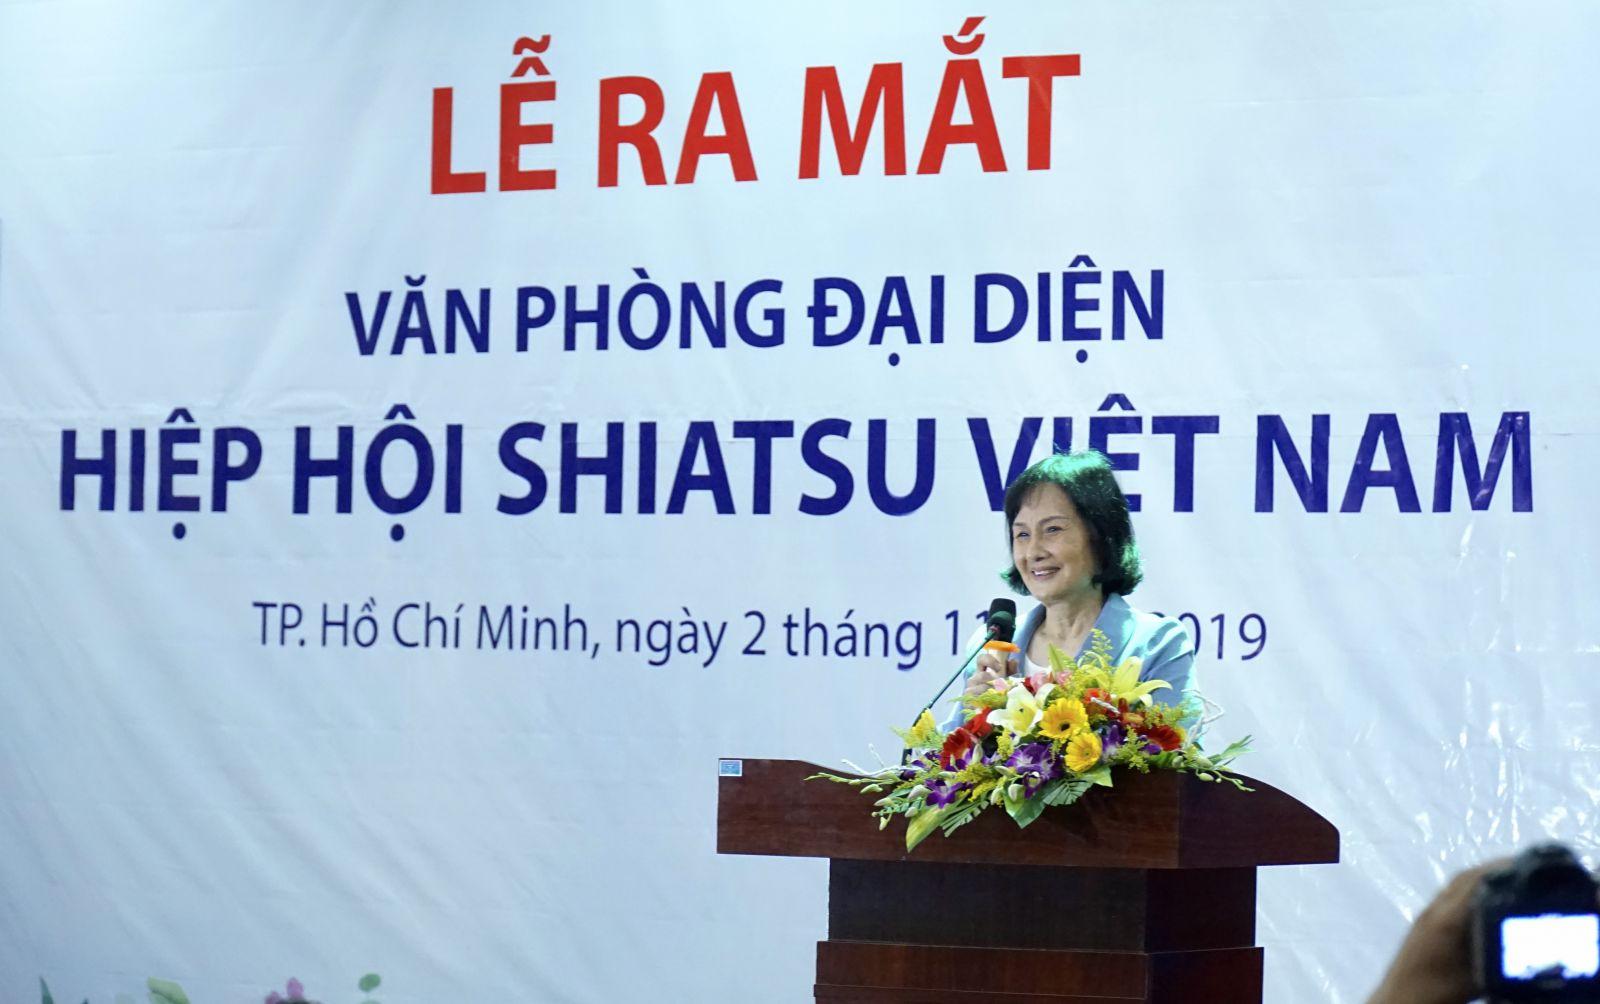 Bà Nguyễn Thị Hằng- nguyên Bộ trưởng Bộ Lao động, Thương binh & Xã hội phát biểu Lễ ra mắt Văn phòng đại diện Hiệp hội Shiatsu Việt Nam.